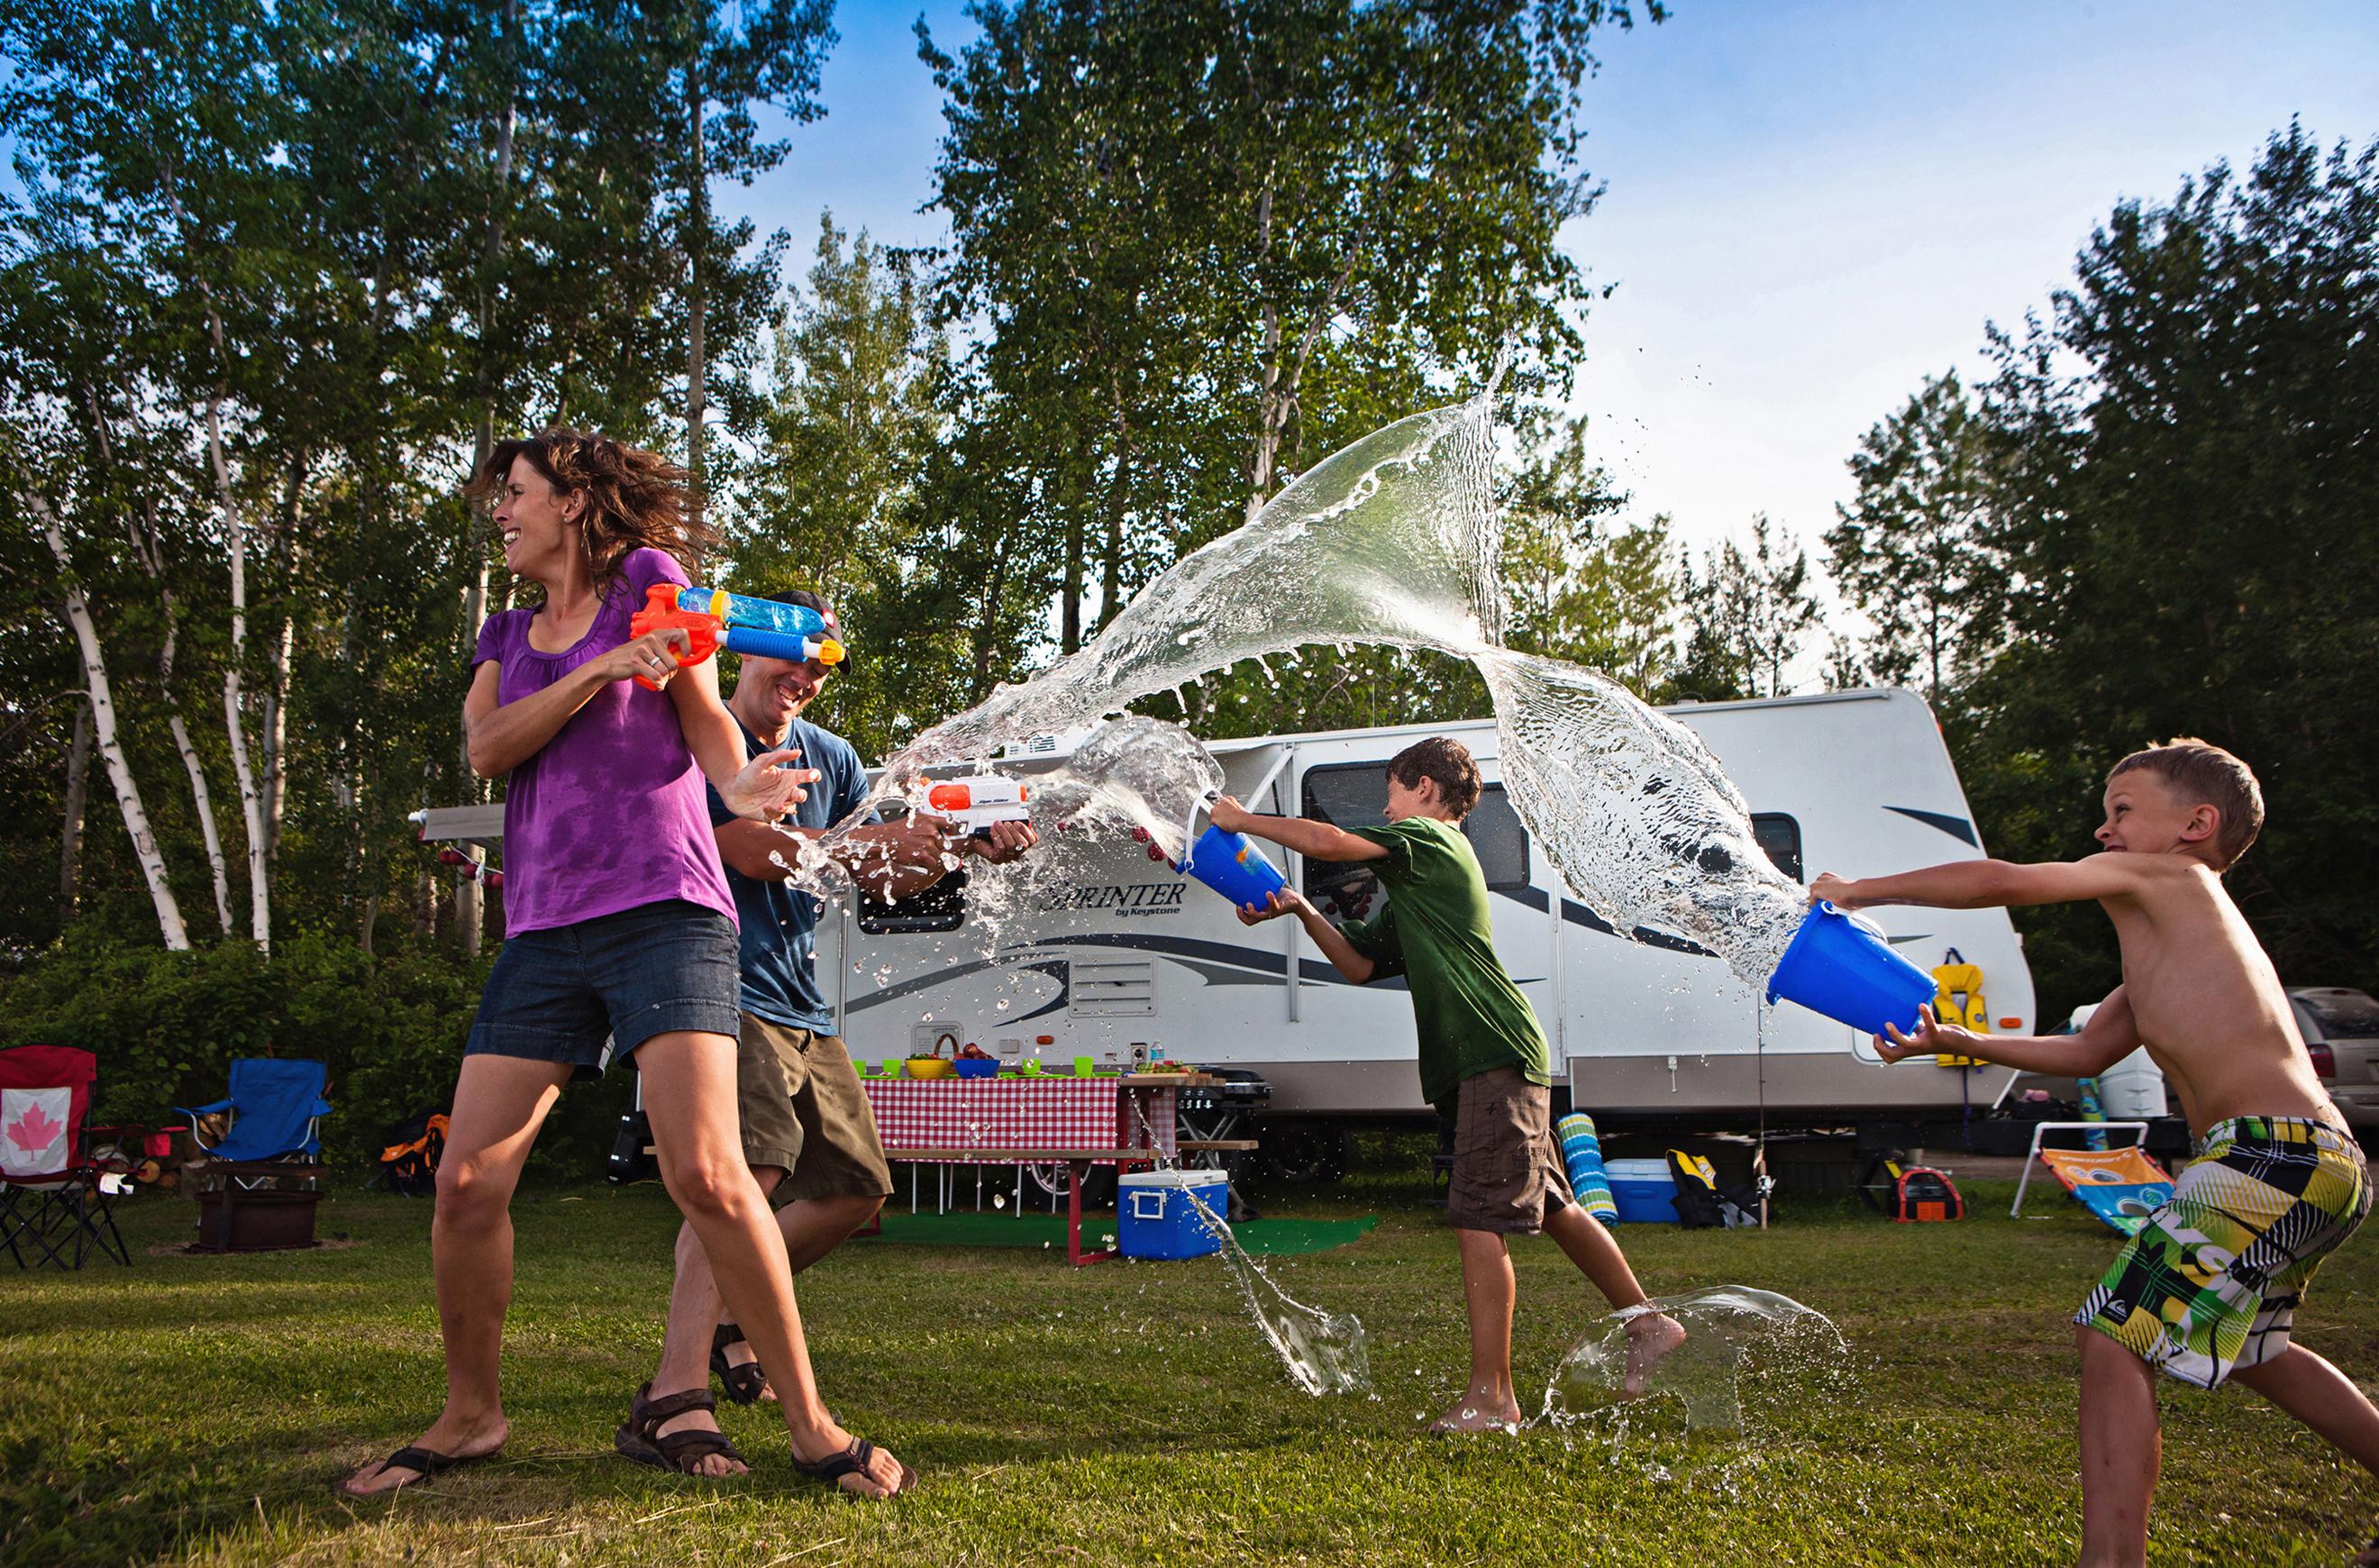 Camping | Tourism Saskatchewan